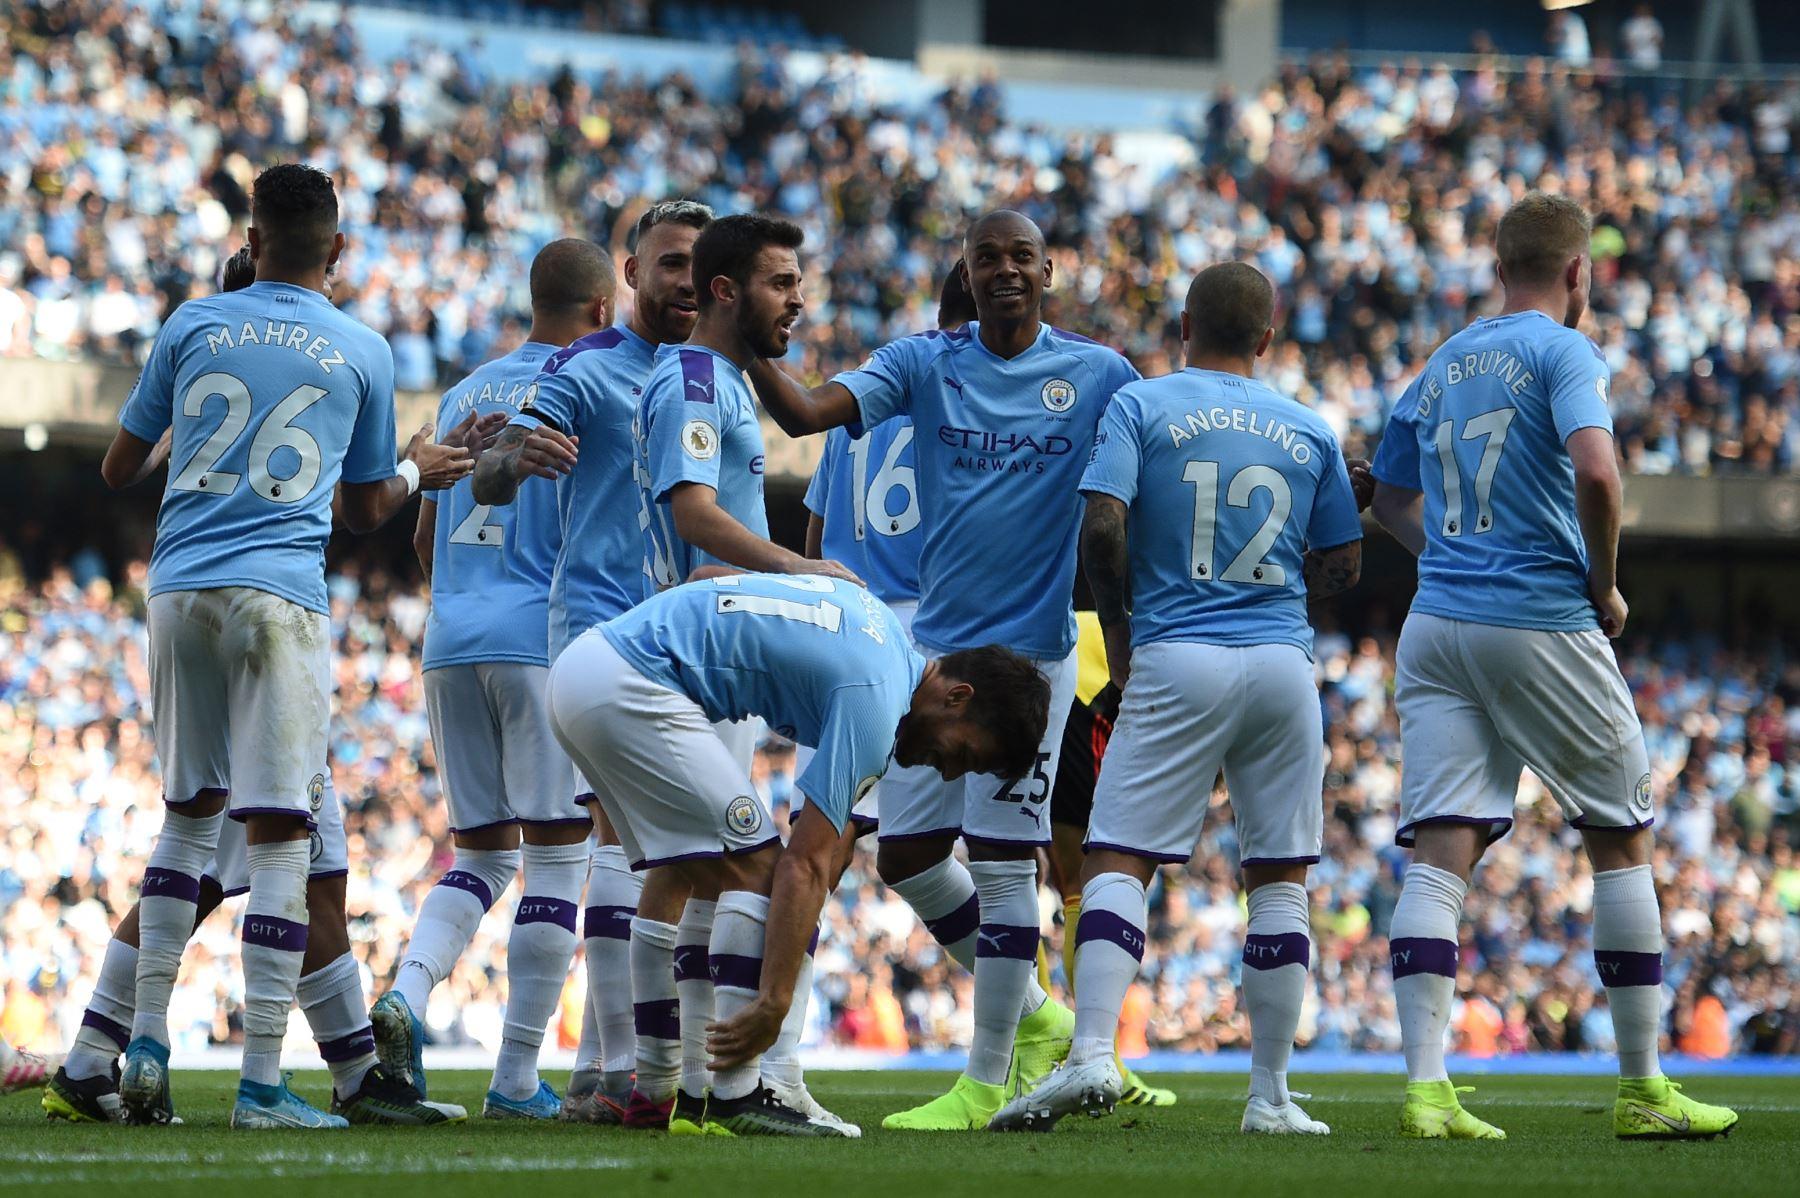 El centrocampista portugués del Manchester City Bernardo Silva celebra con sus compañeros de equipo después de marcar el sexto gol. Foto: AFP